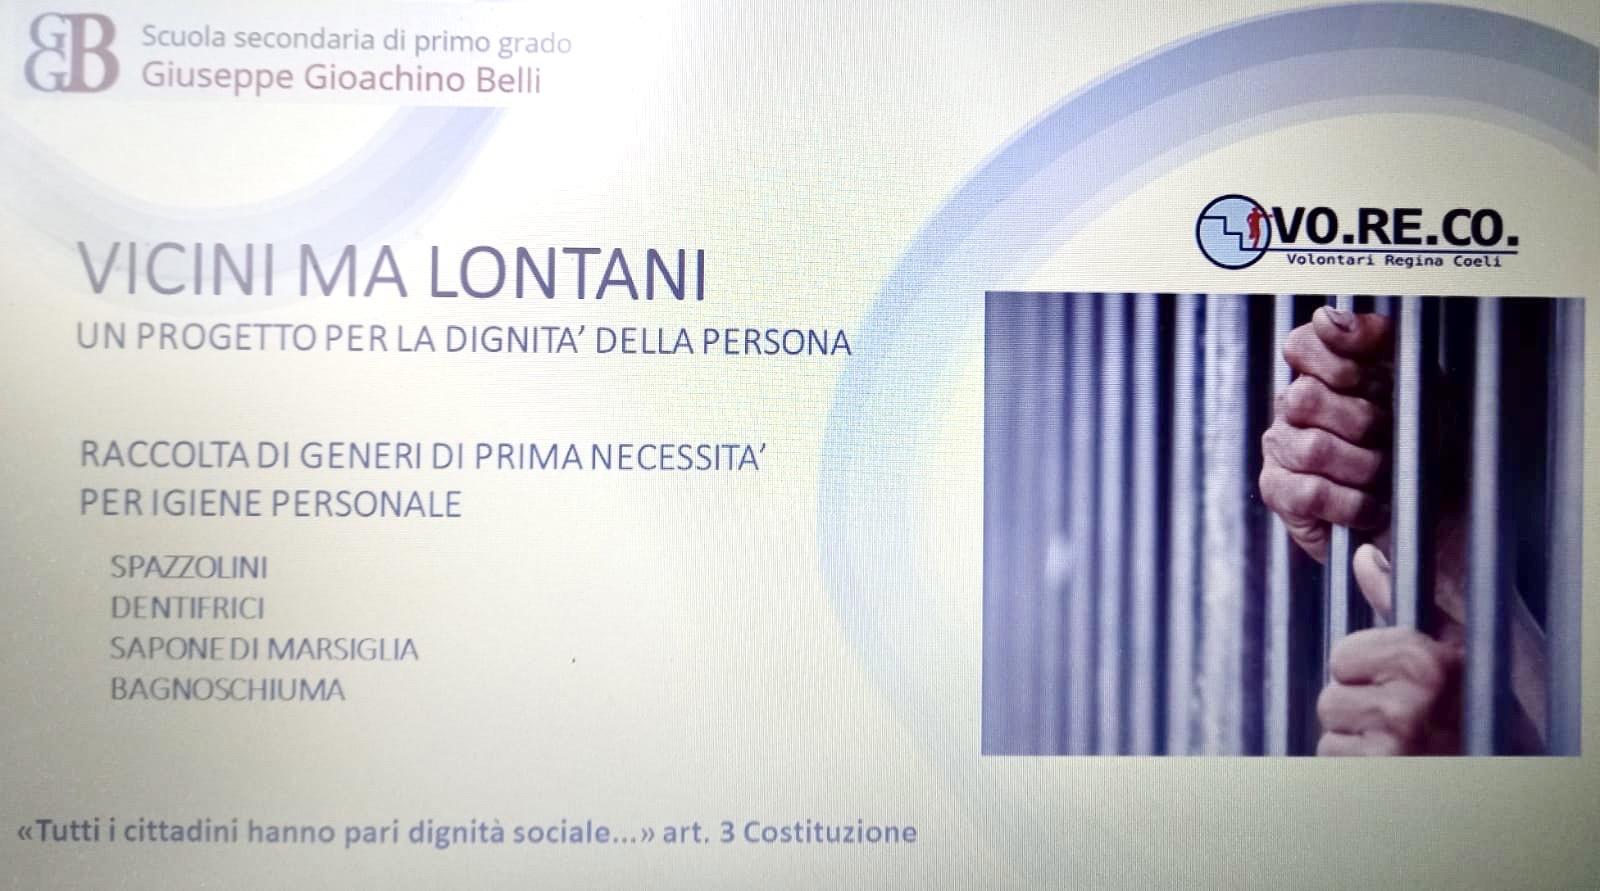 VICINI MA LONTANI – SCUOLA SECONDARIA DI PRIMO GRADO – GIUSEPPE GIOACHINO BELLI